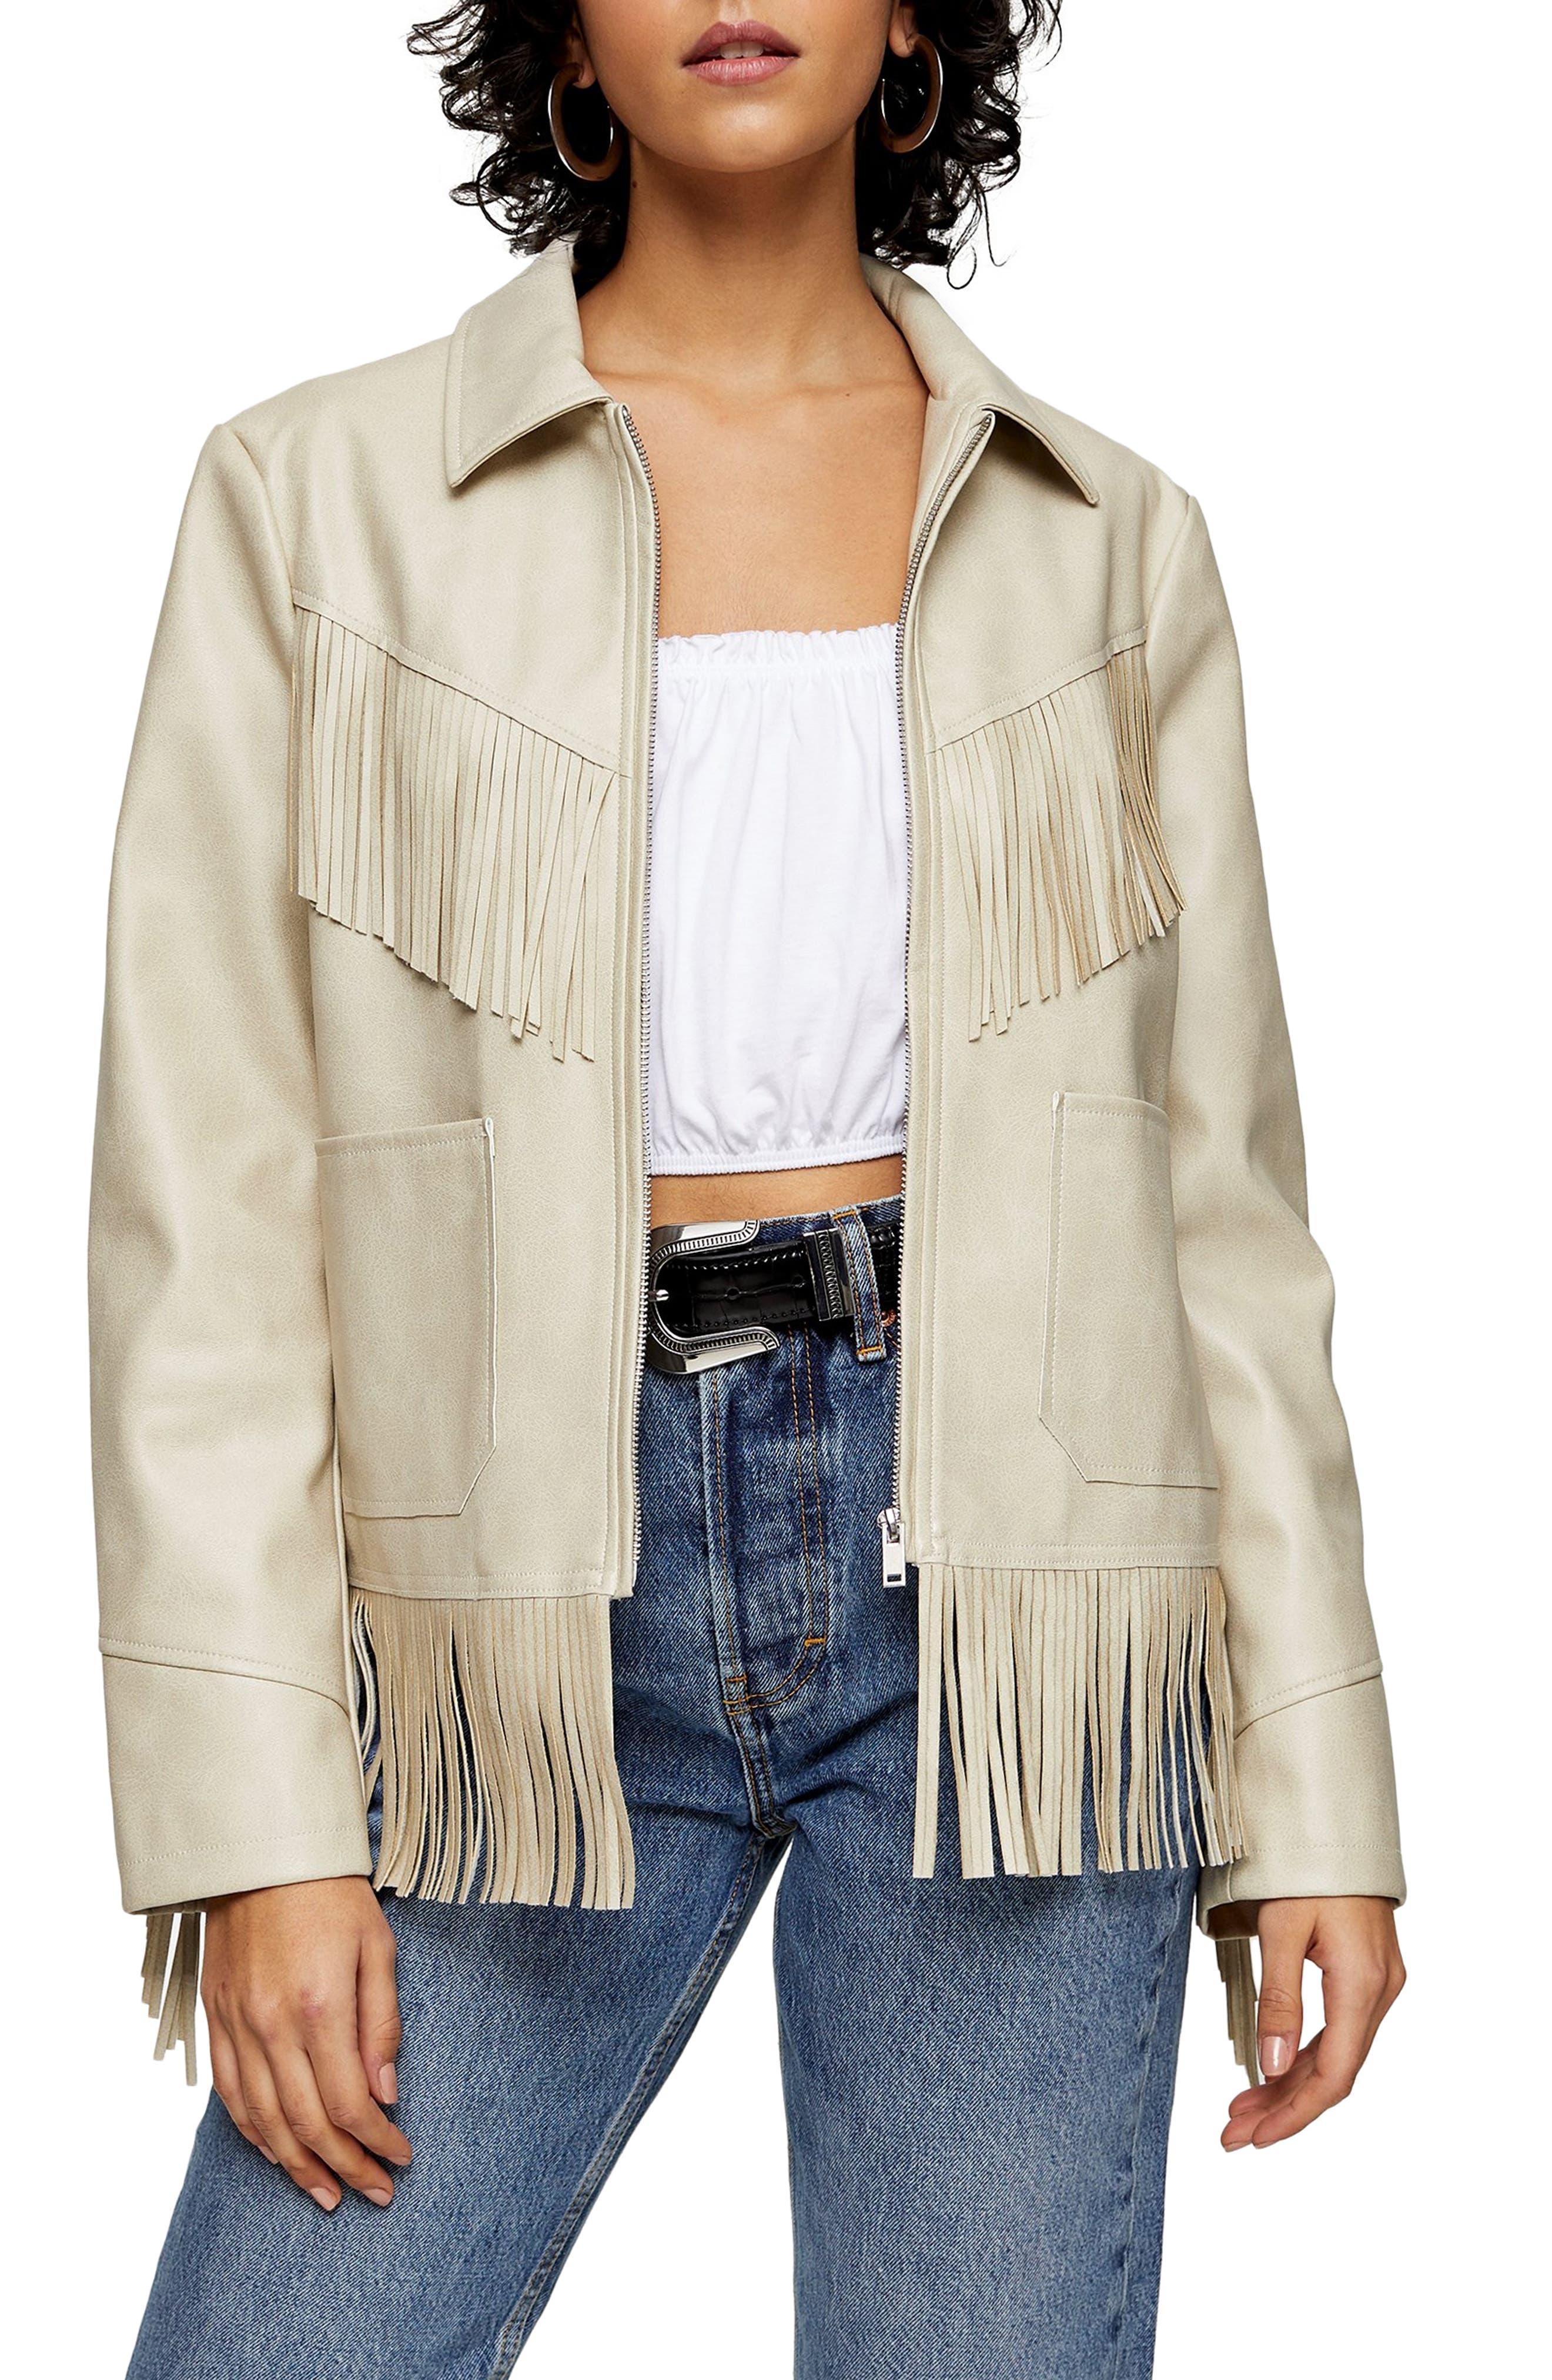 70s Jackets, Furs, Vests, Ponchos Womens Topshop Fringe Trim Faux Leather Jacket Size 8 US - Beige $110.00 AT vintagedancer.com